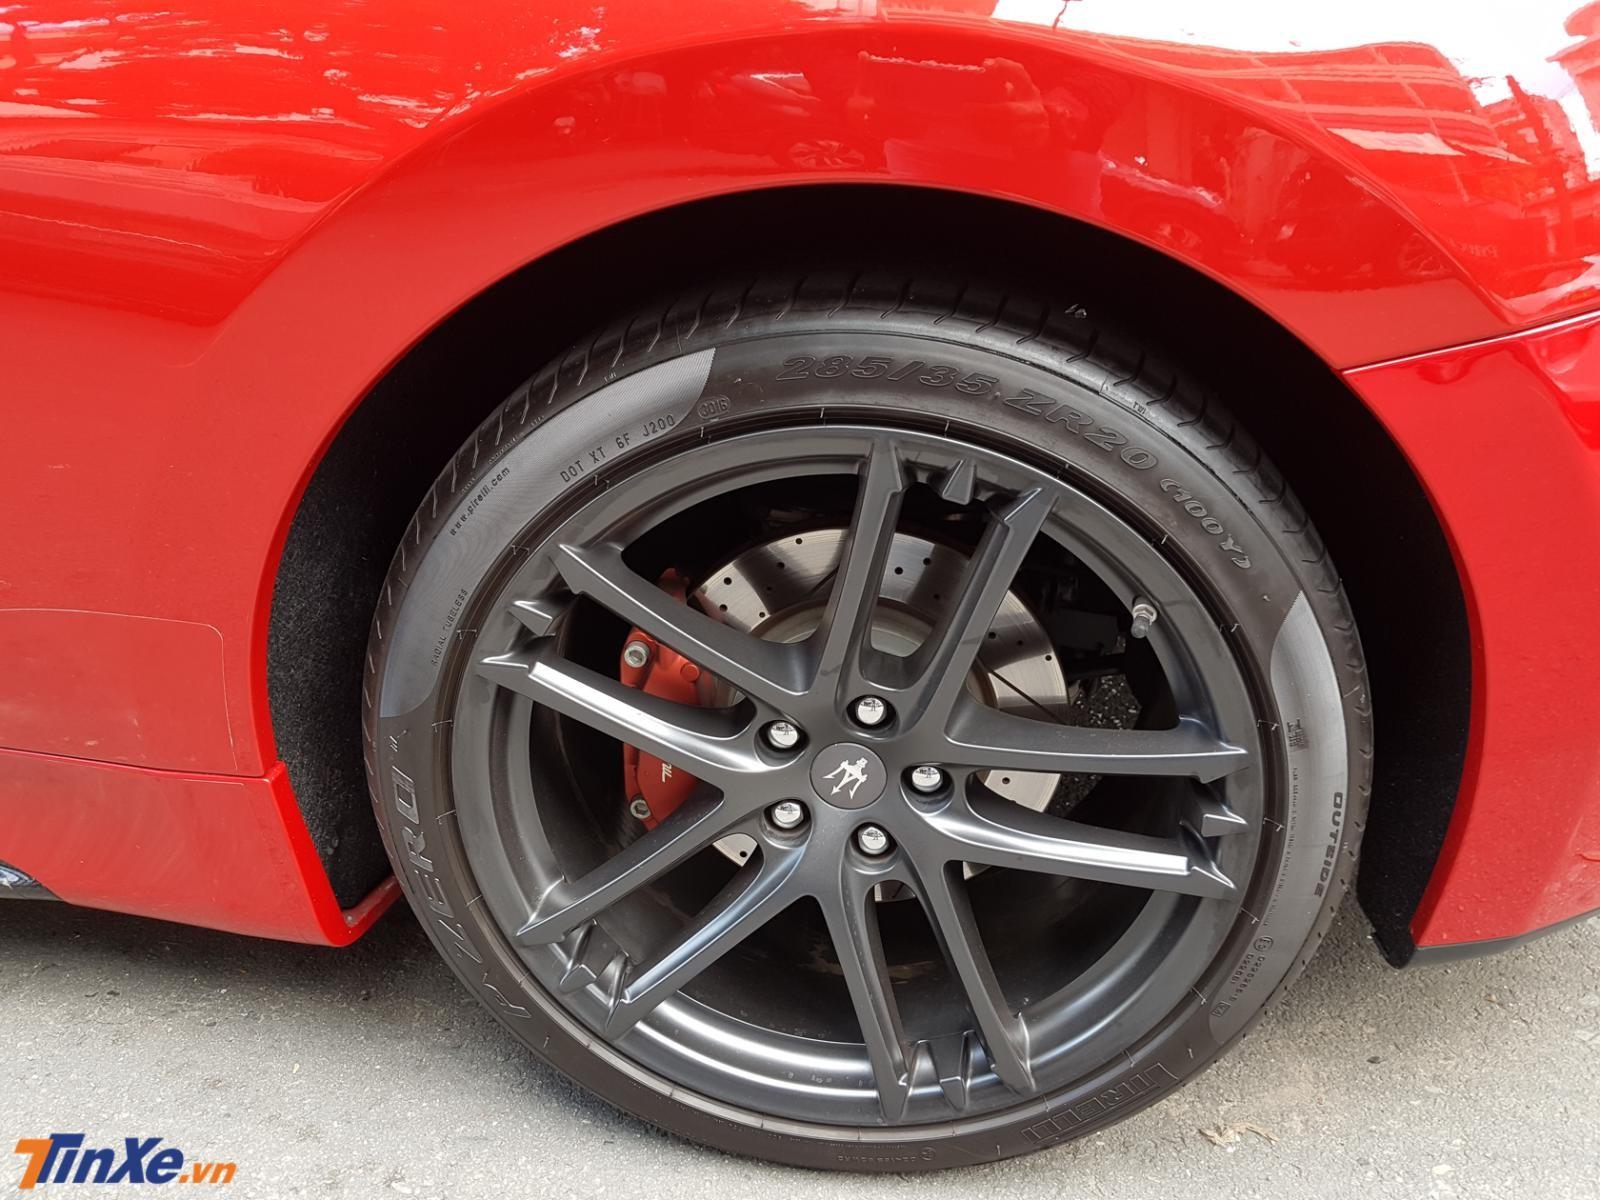 Chiếc xe thể thao hạng sang Maserati GranTurismo Sport của doanh nhân quận 2 này đi kèm bộ mâm 5 chấu kép sơn đen mờ